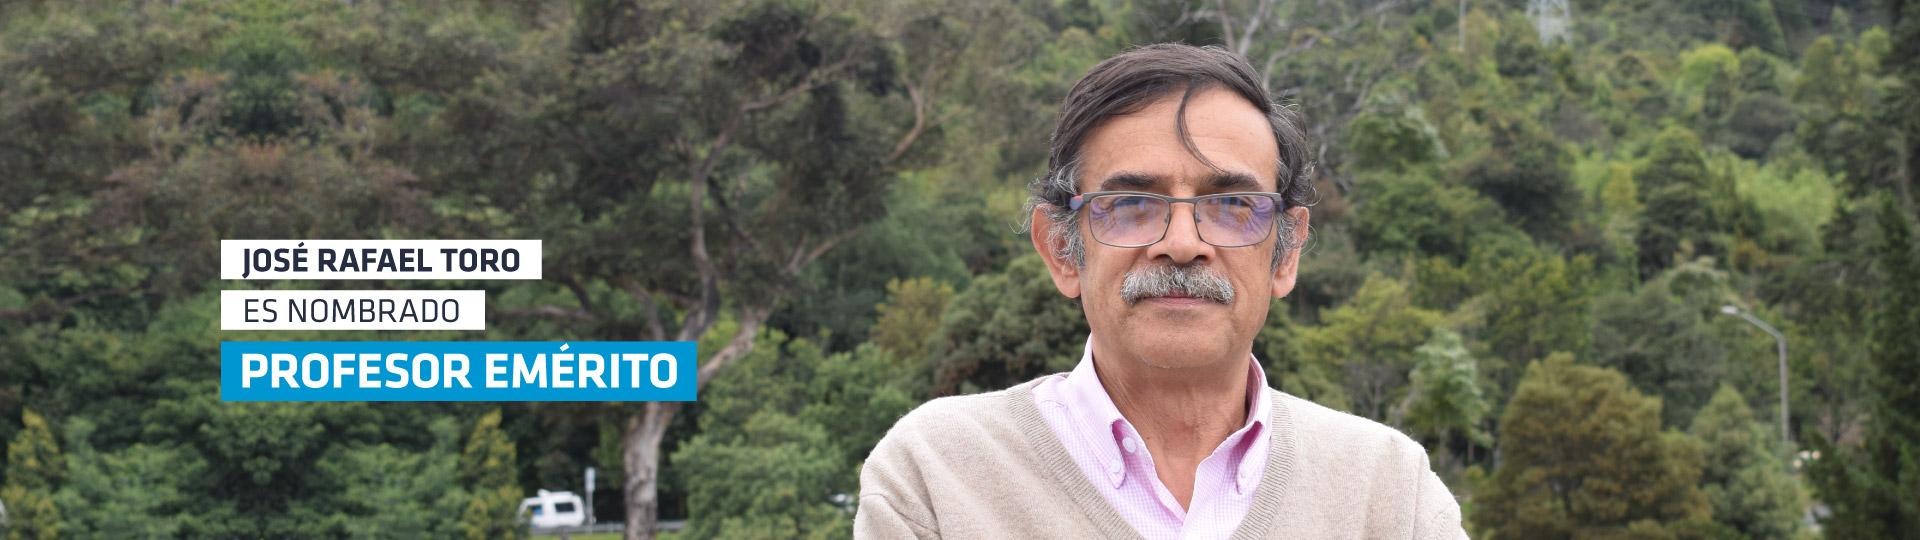 Un nuevo reconocimiento para el profesor José Rafael Toro